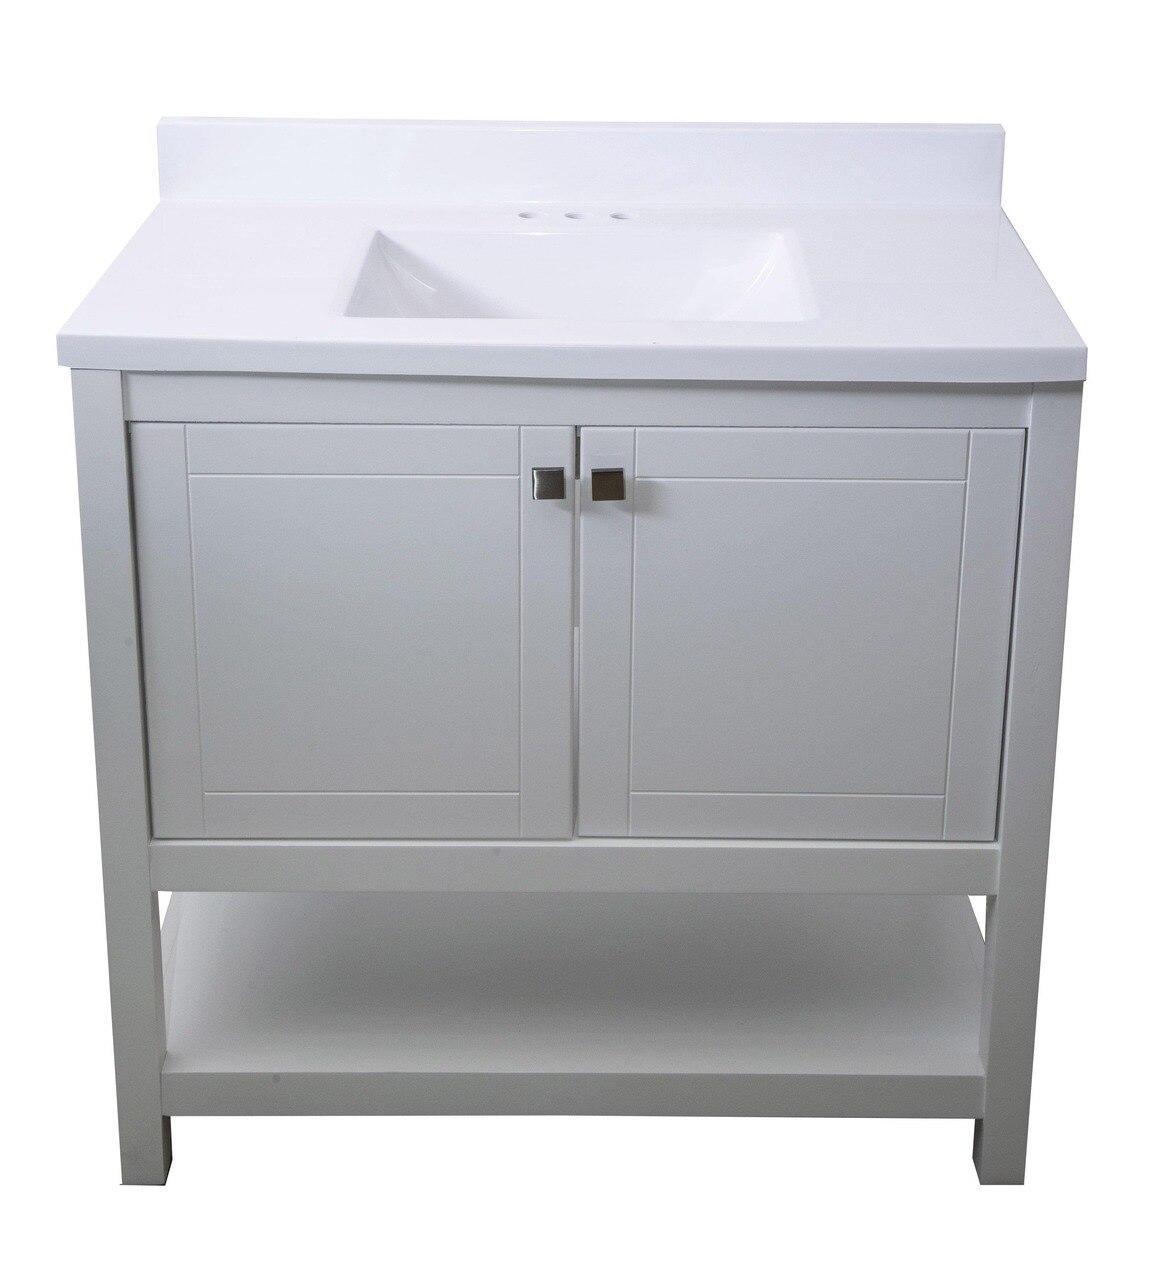 Trento 36 In Single Sink Bathroom Vanity In White